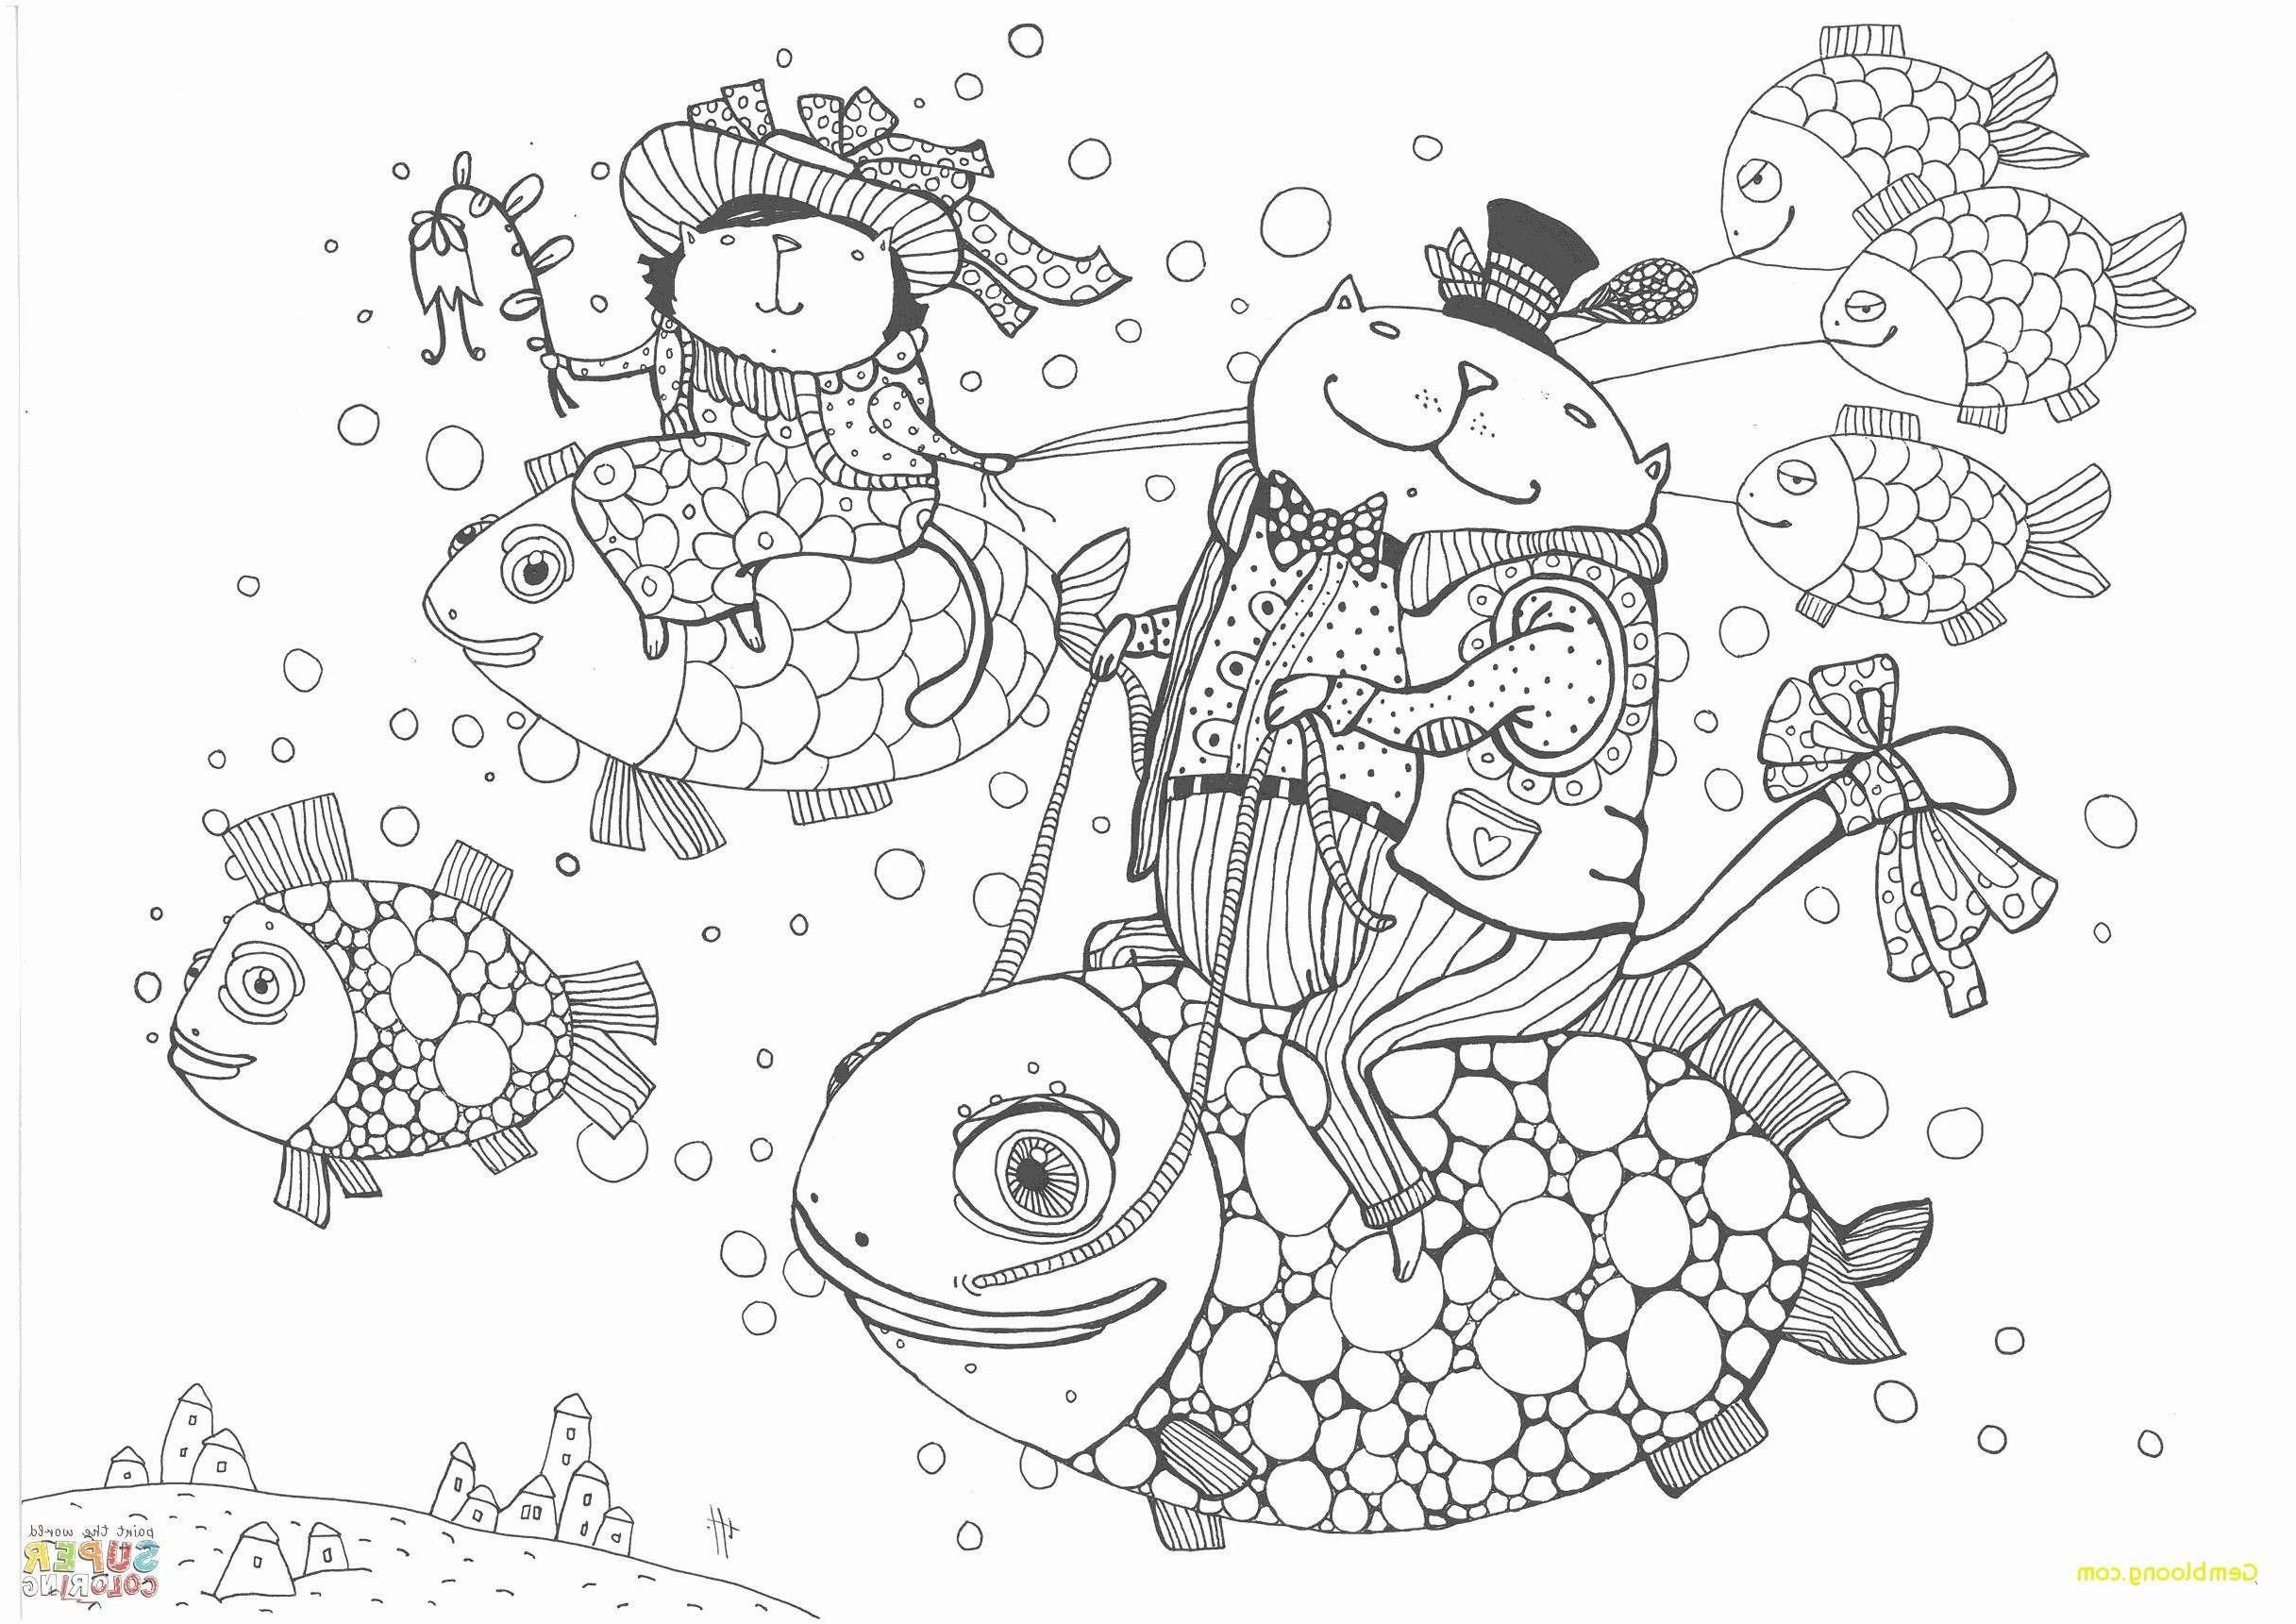 Pettersson Und Findus Ausmalbild Inspirierend 31 Elegant Pettersson Und Findus Ausmalbilder – Malvorlagen Ideen Bild